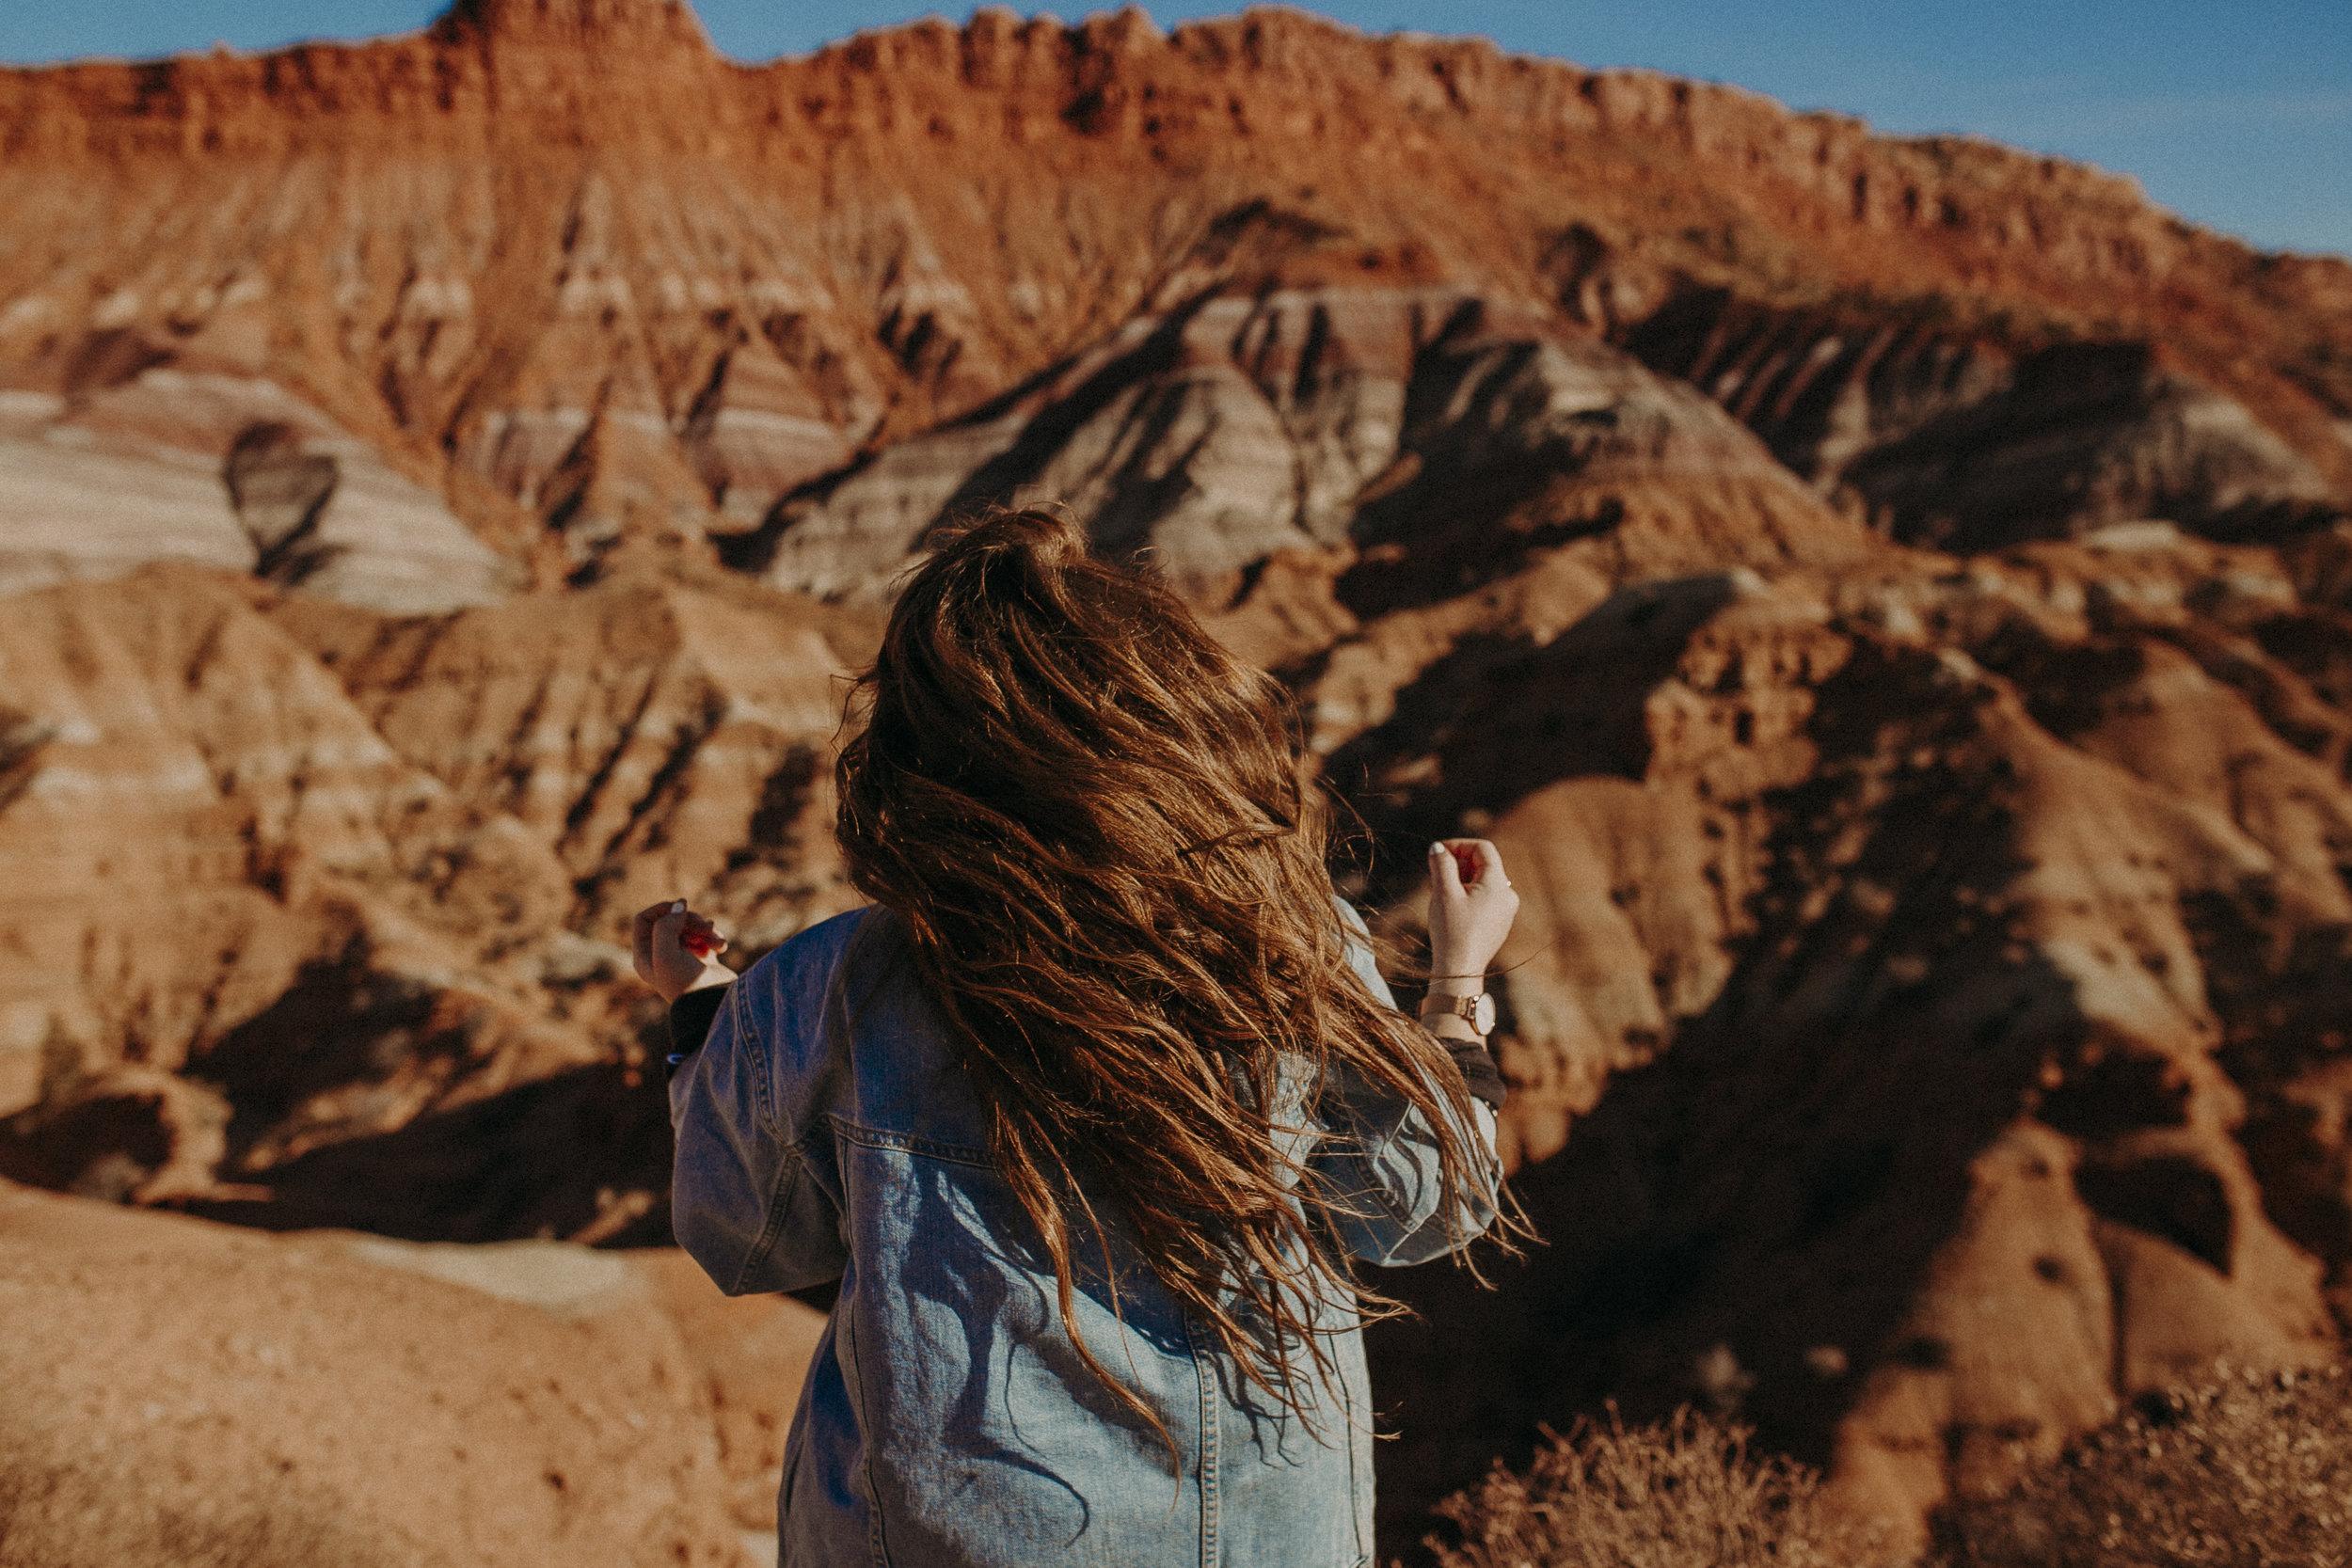 Piria-Canyon-Southern-Utah-Kanab-8.jpg